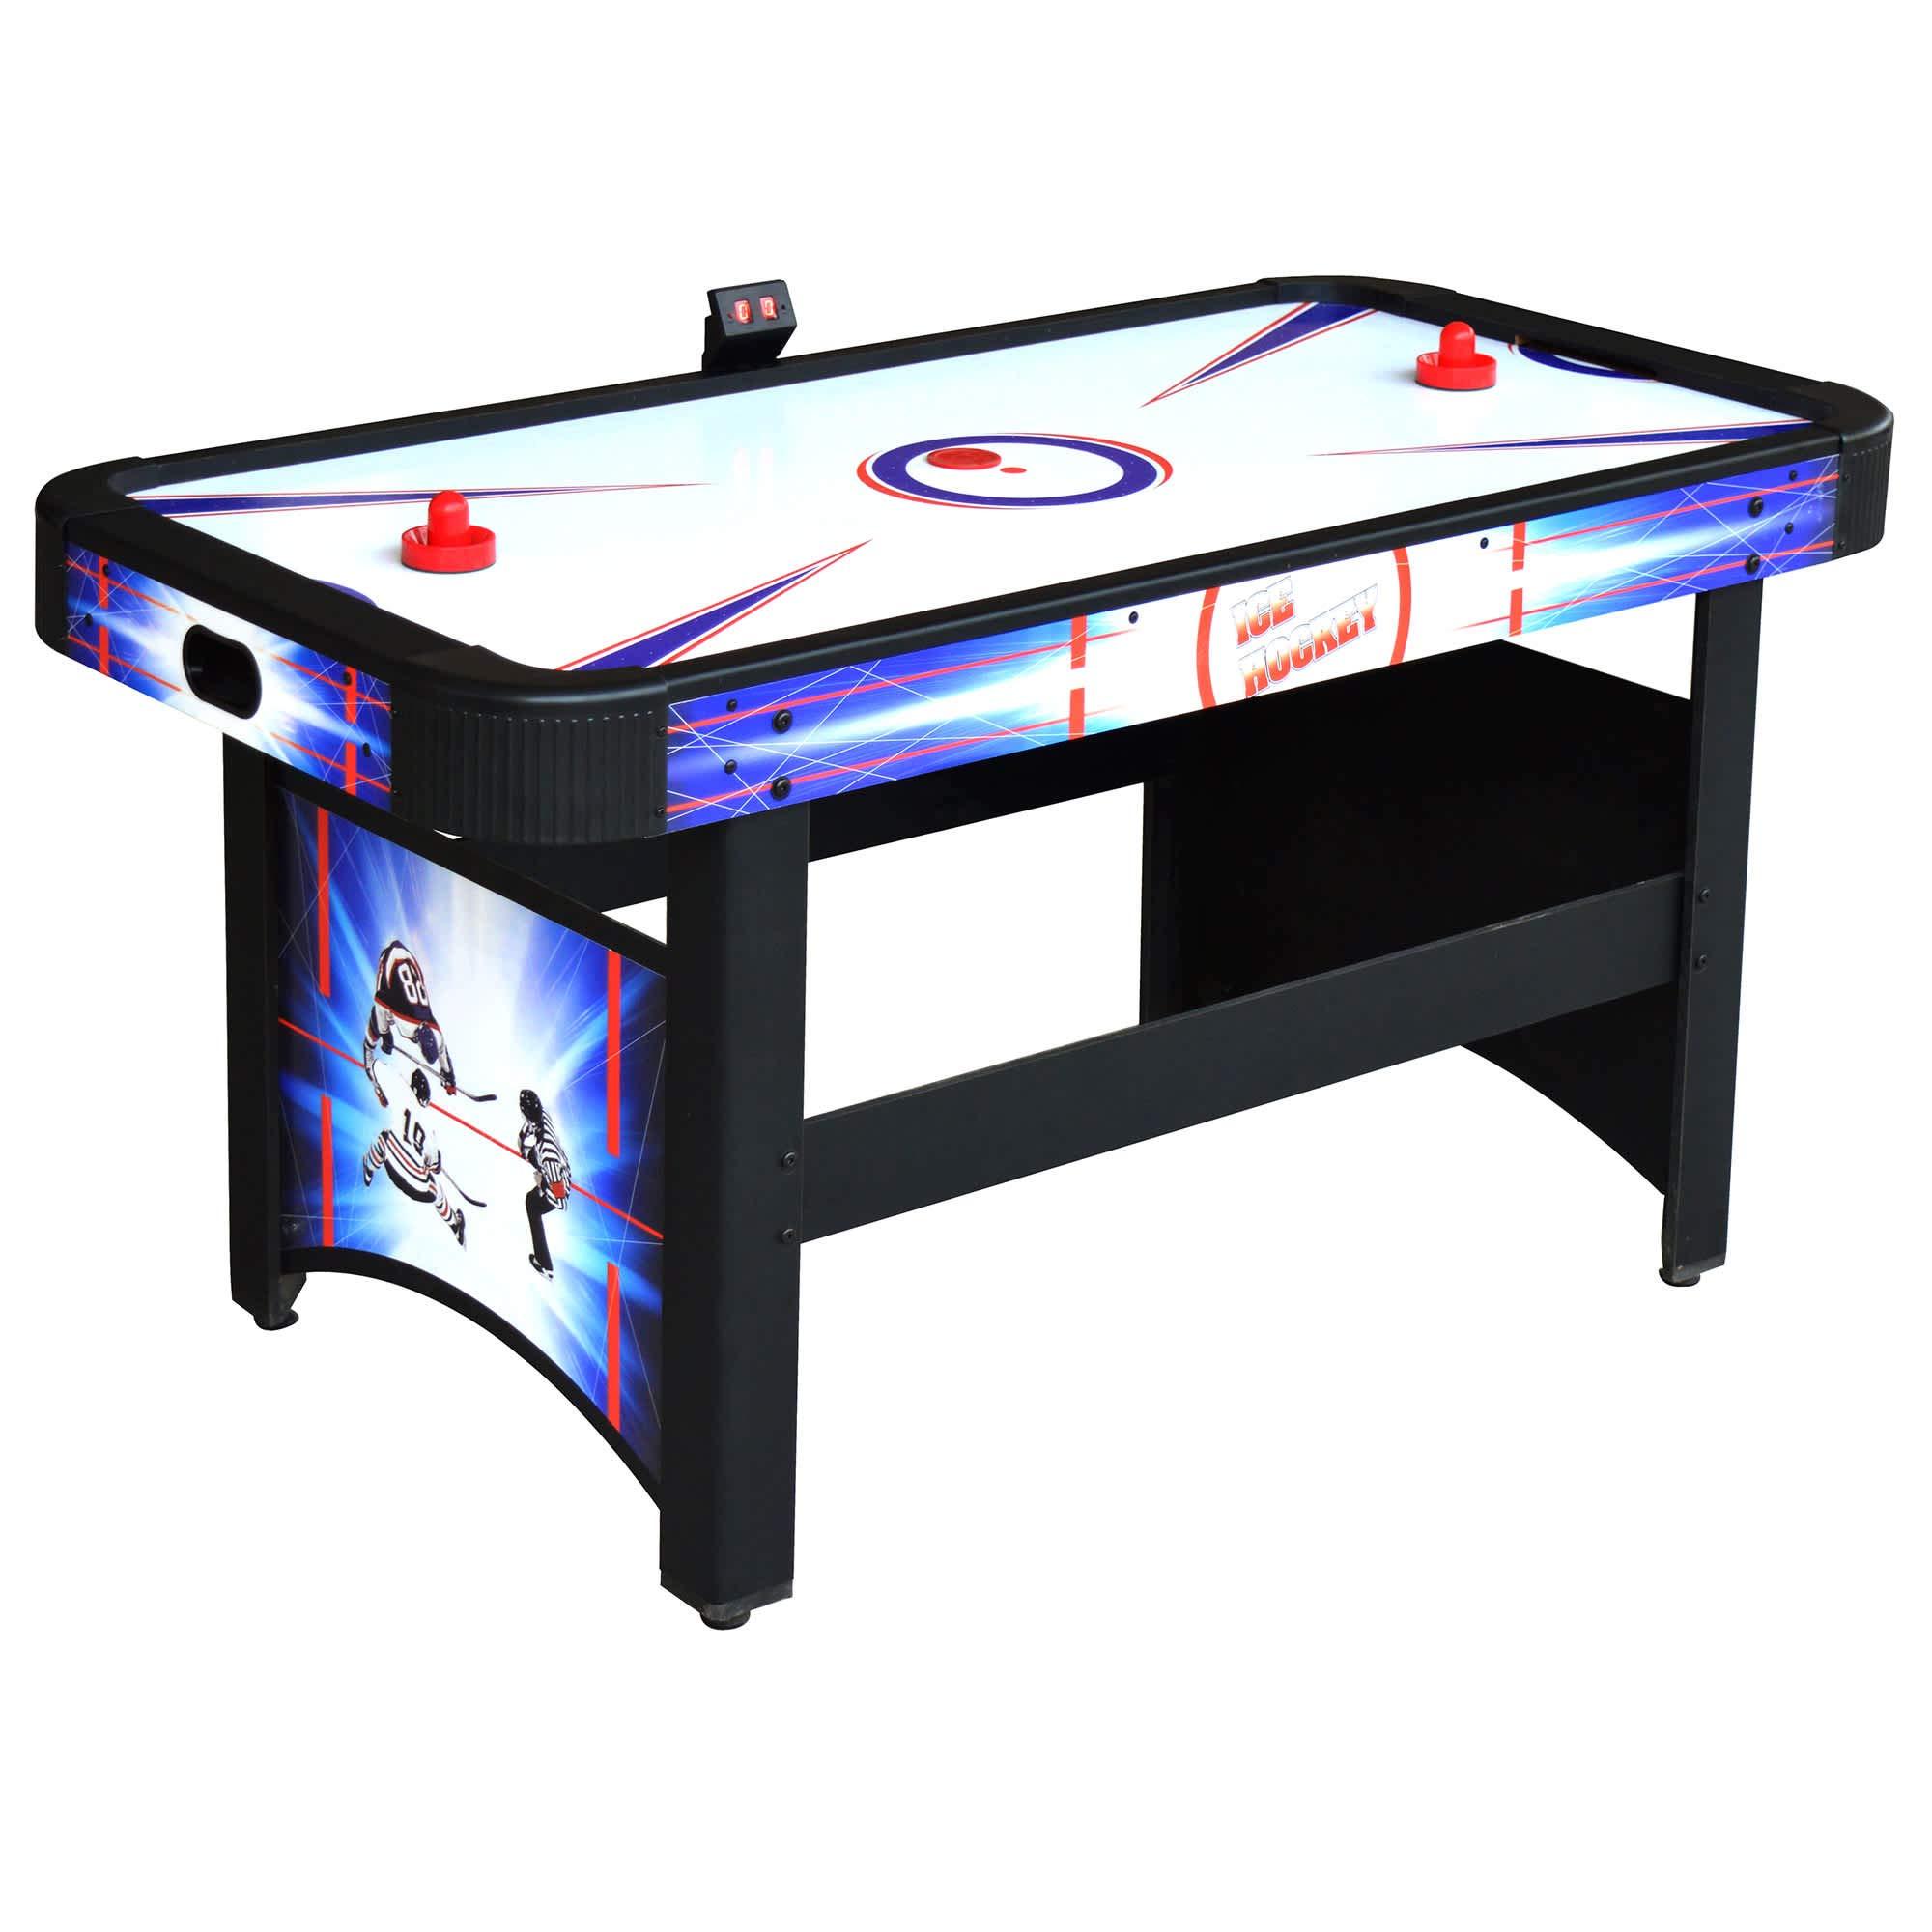 Carmelli Patriot 5' Air Hockey Table